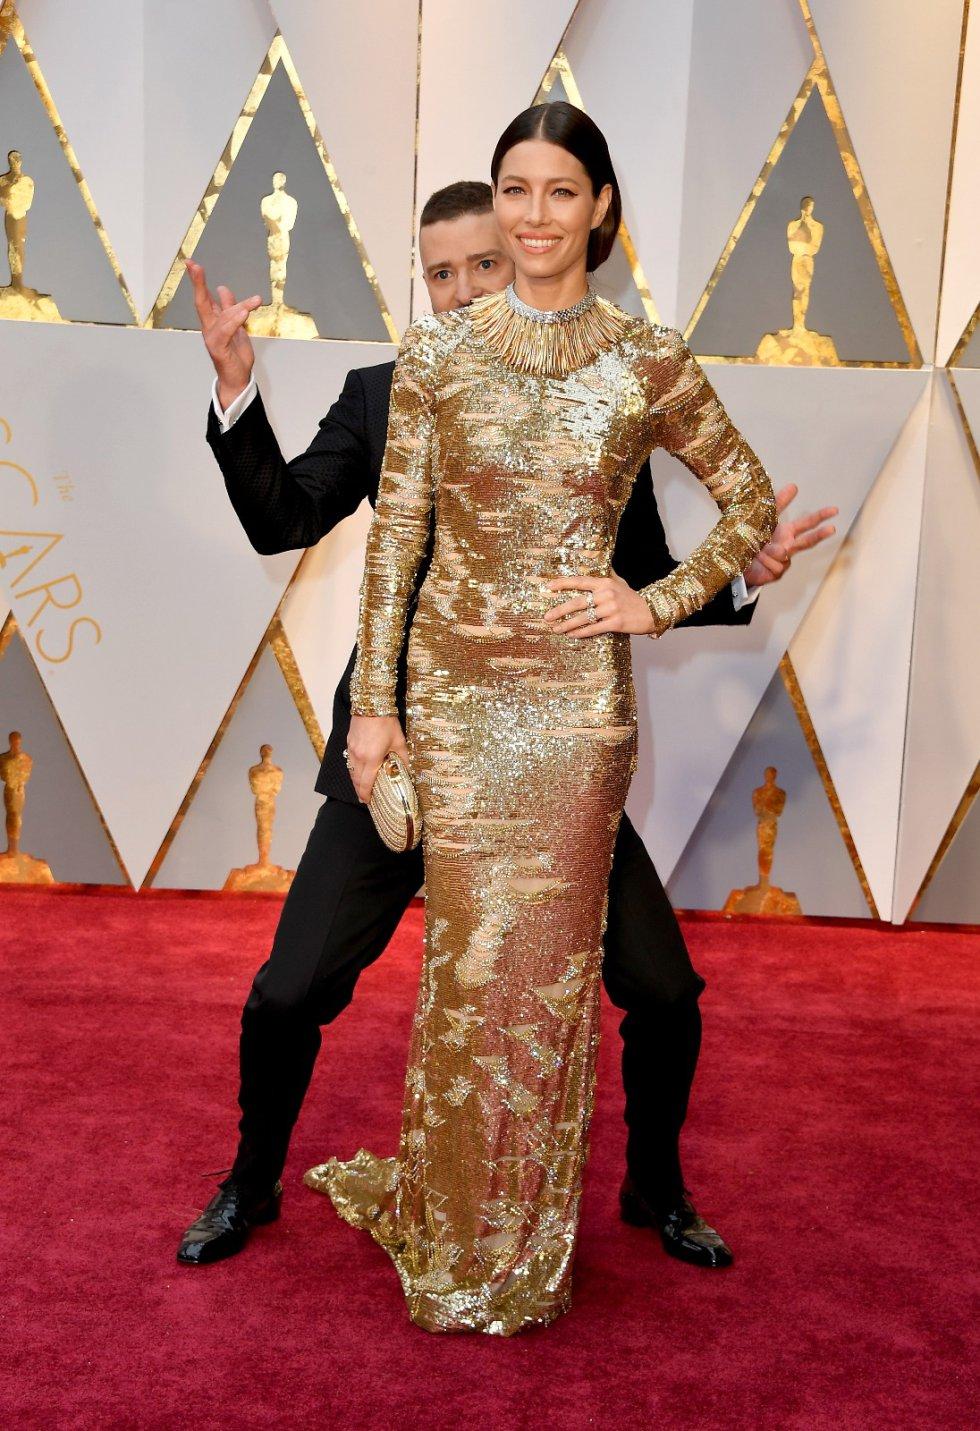 Jessica Biel en compañía de Justin Timberlake